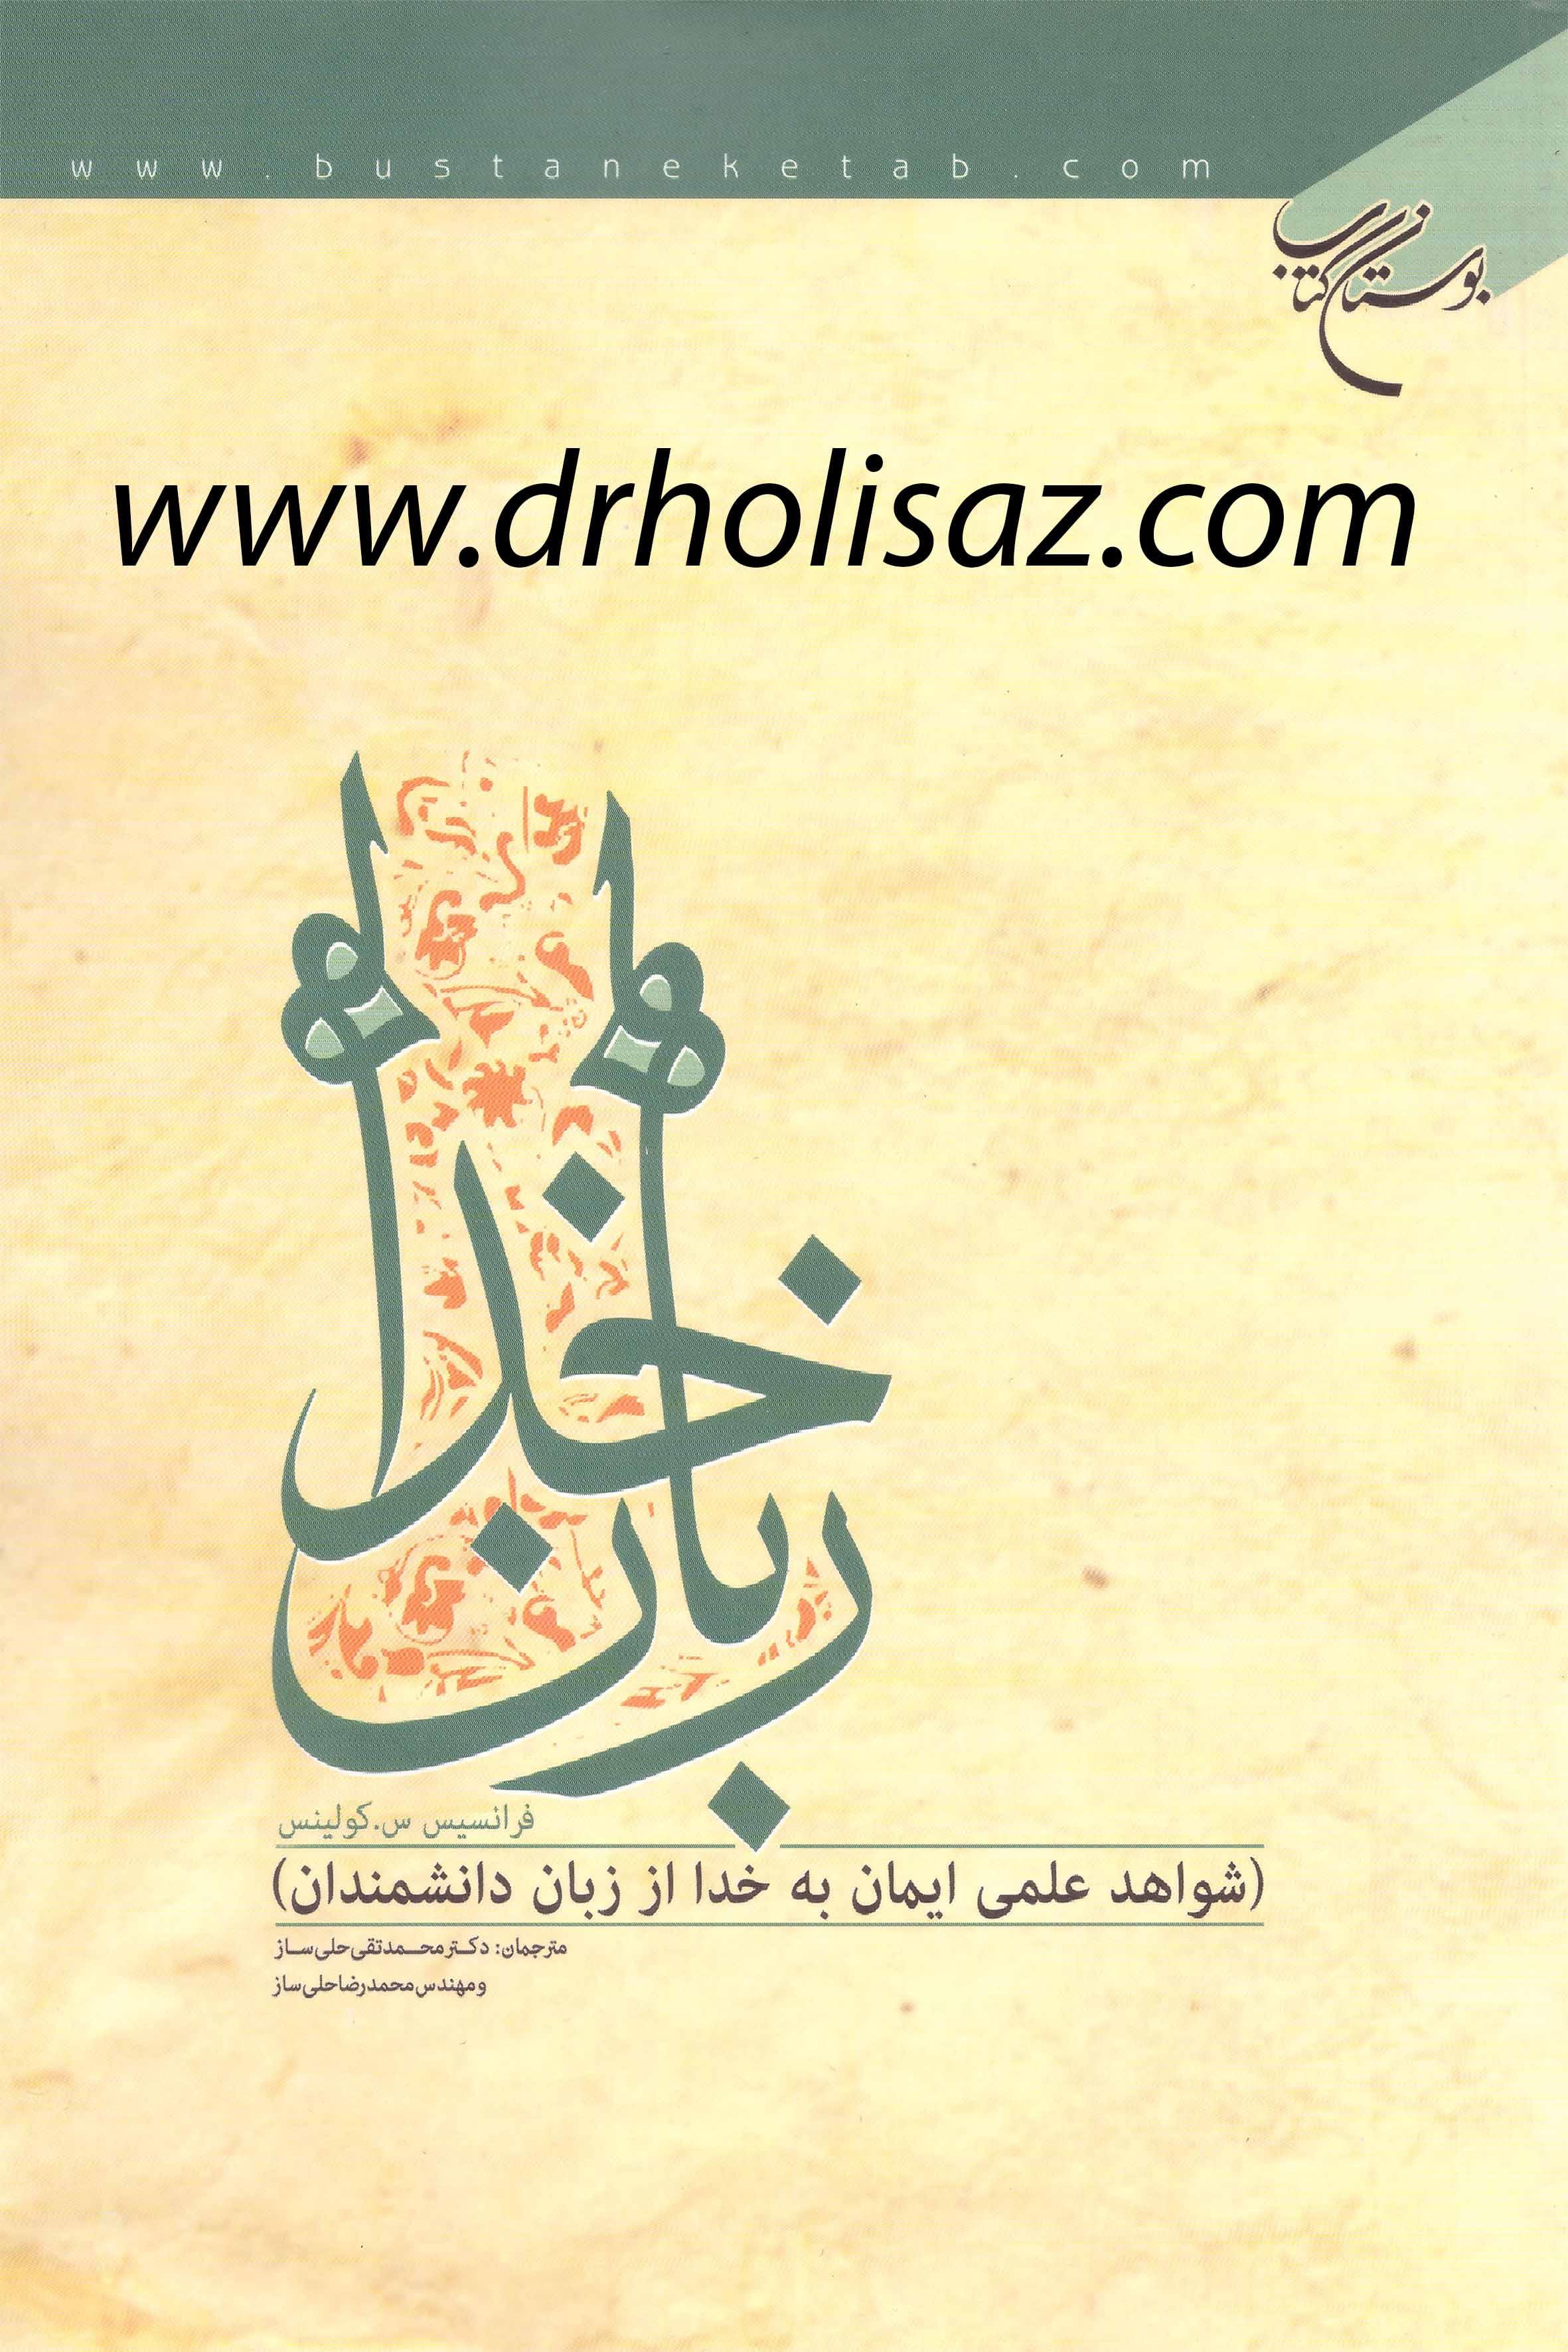 www.drholisaz.com-zabanekhoda